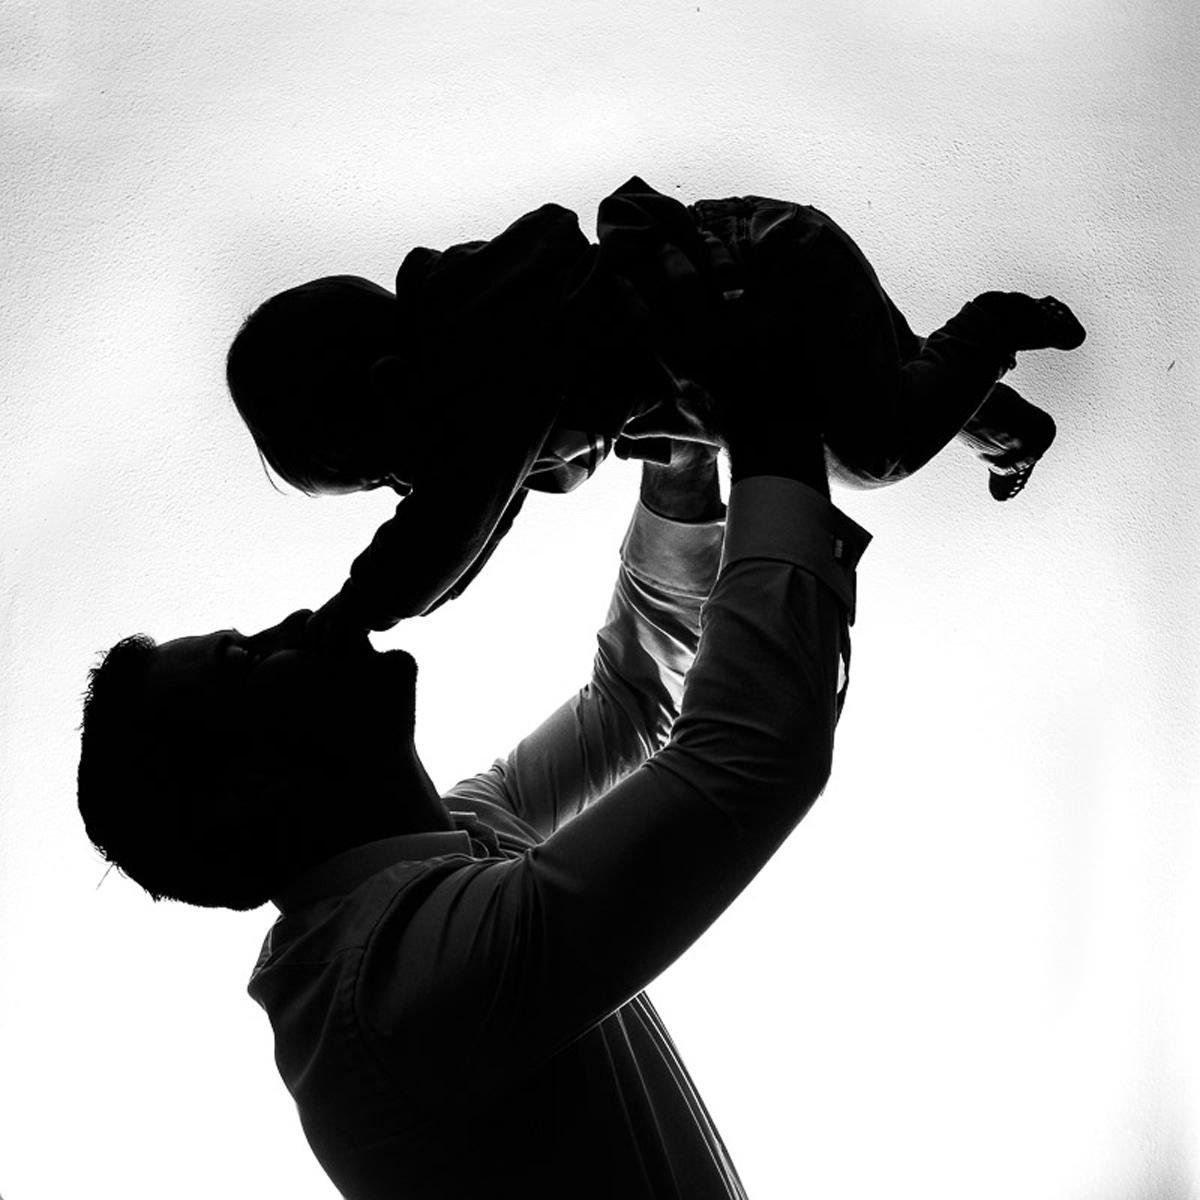 Silhouette von Vater und Kind als natürliches Kinderfoto